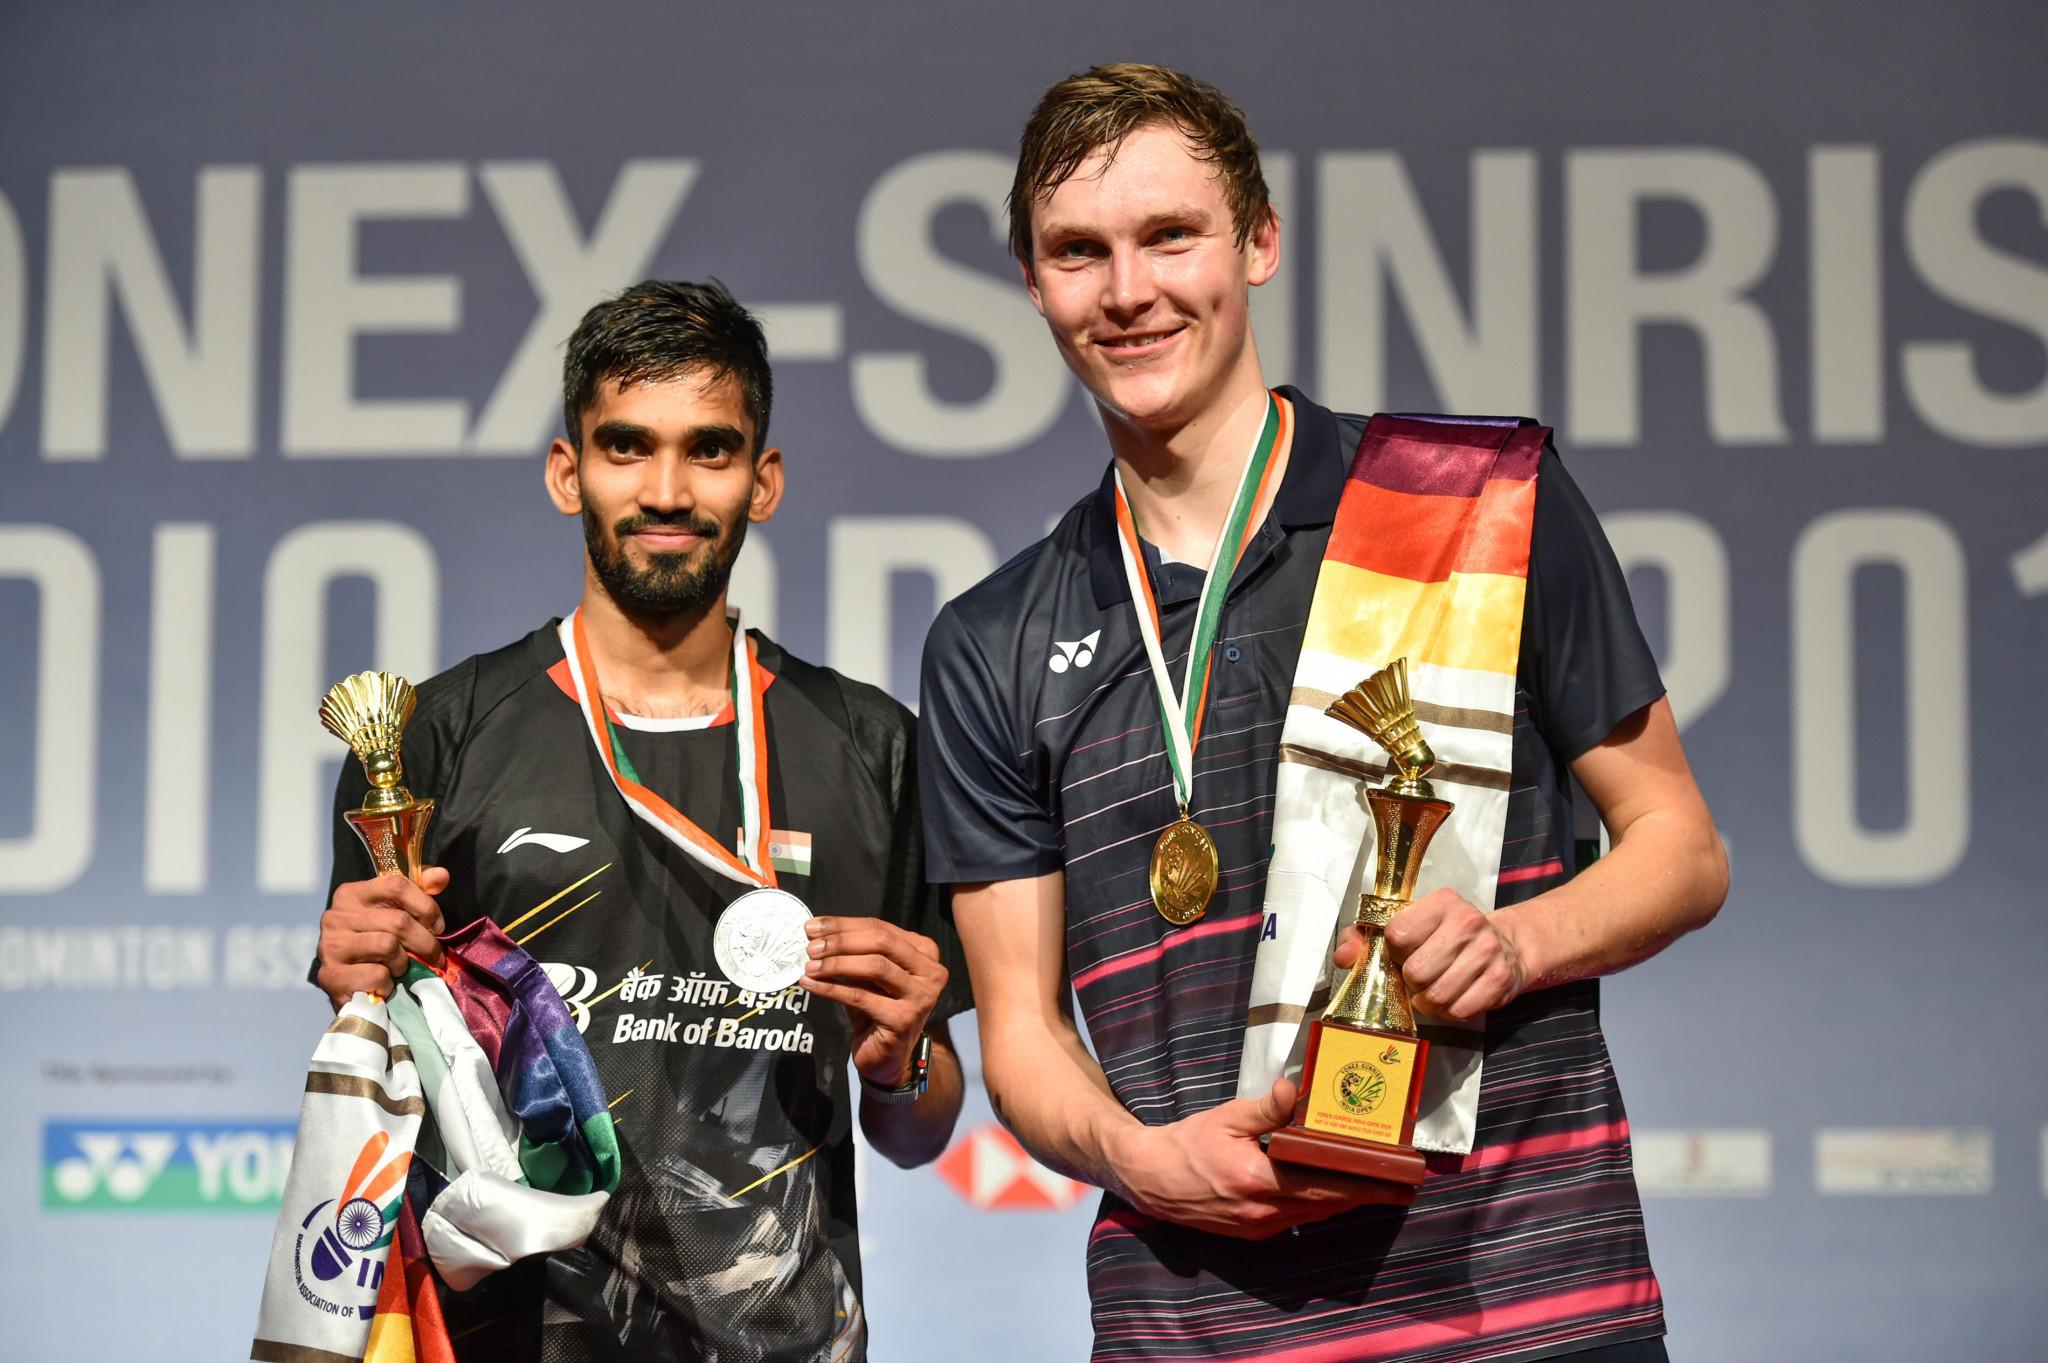 Viktor Axelsen, right, won the men's title in New Delhi ©Getty Images